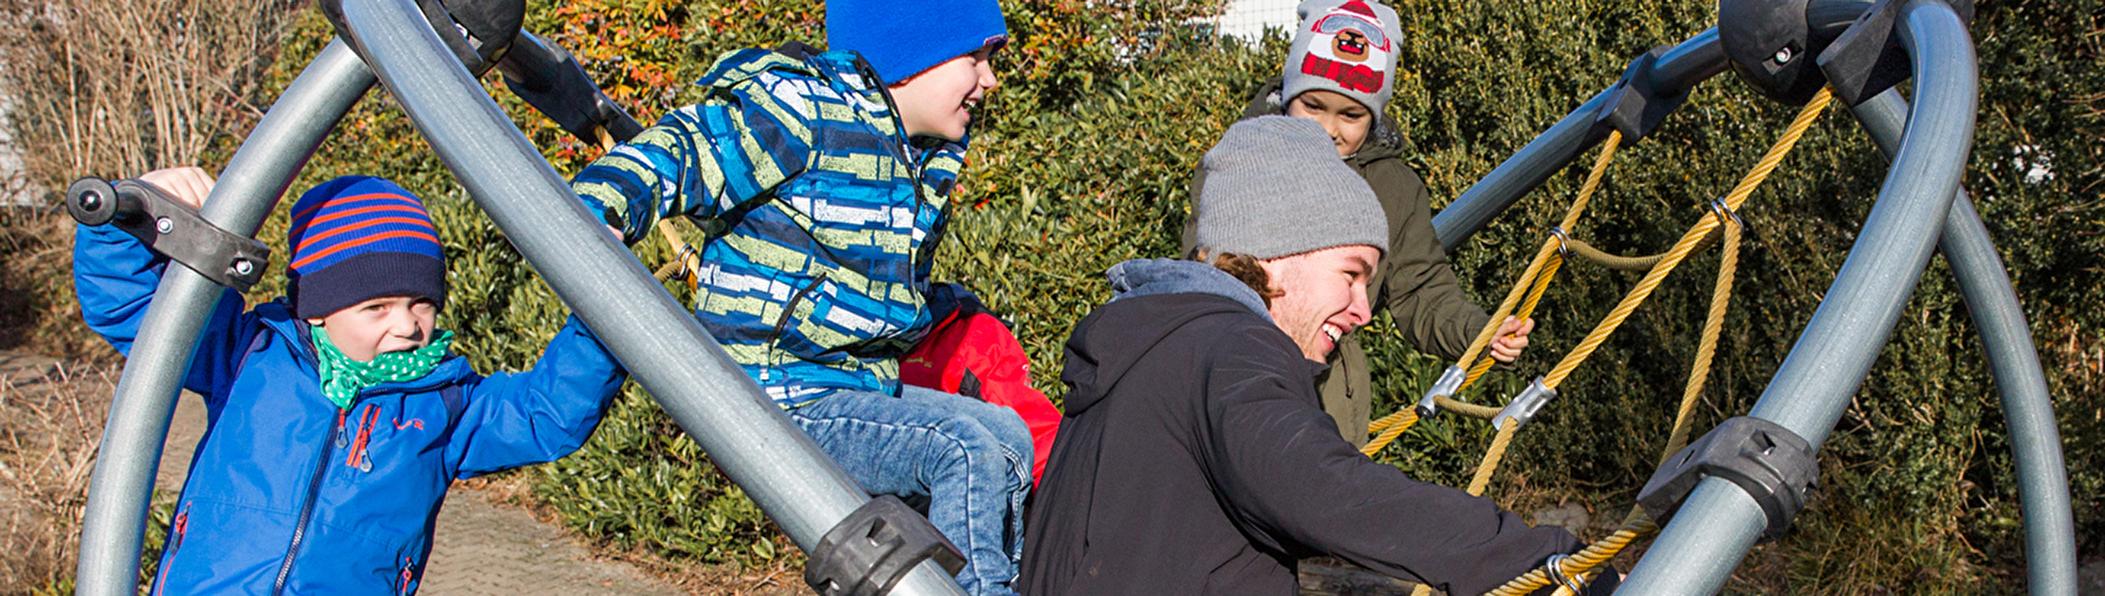 Zivildienstleistender mit Kindern auf dem Klettergerüst